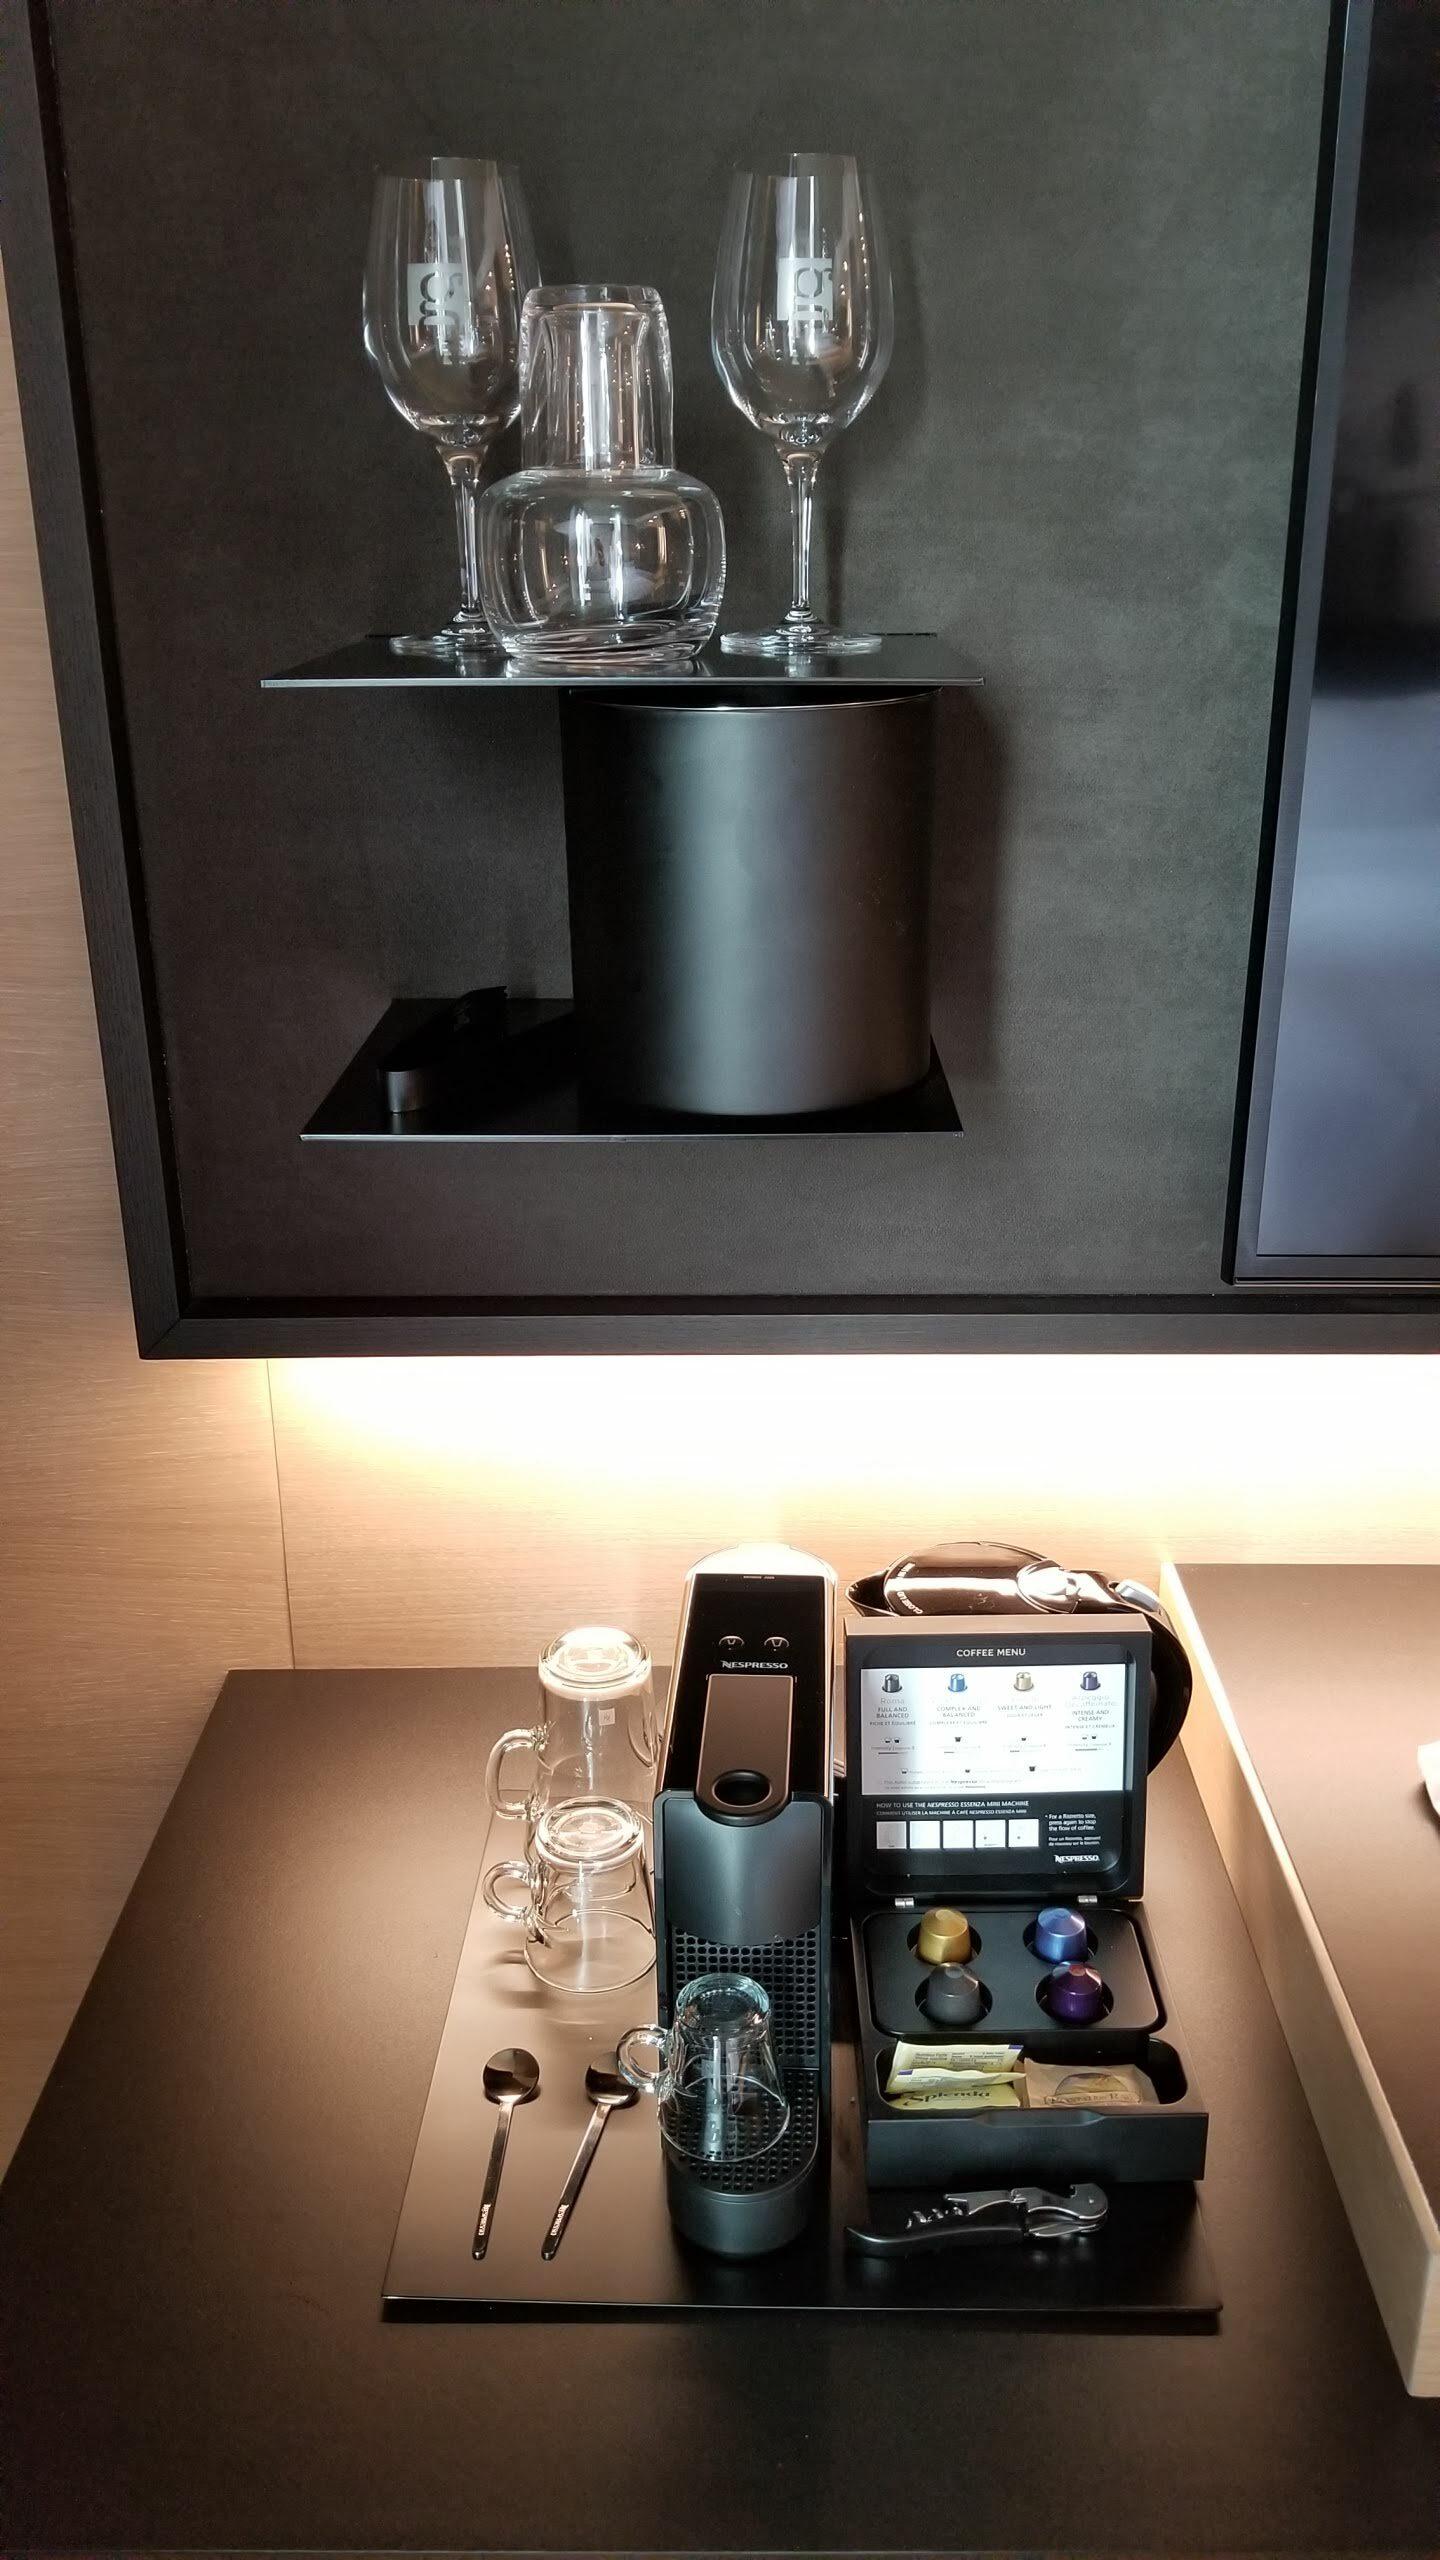 Wine decanter, wine glasses, and Nespresso machine